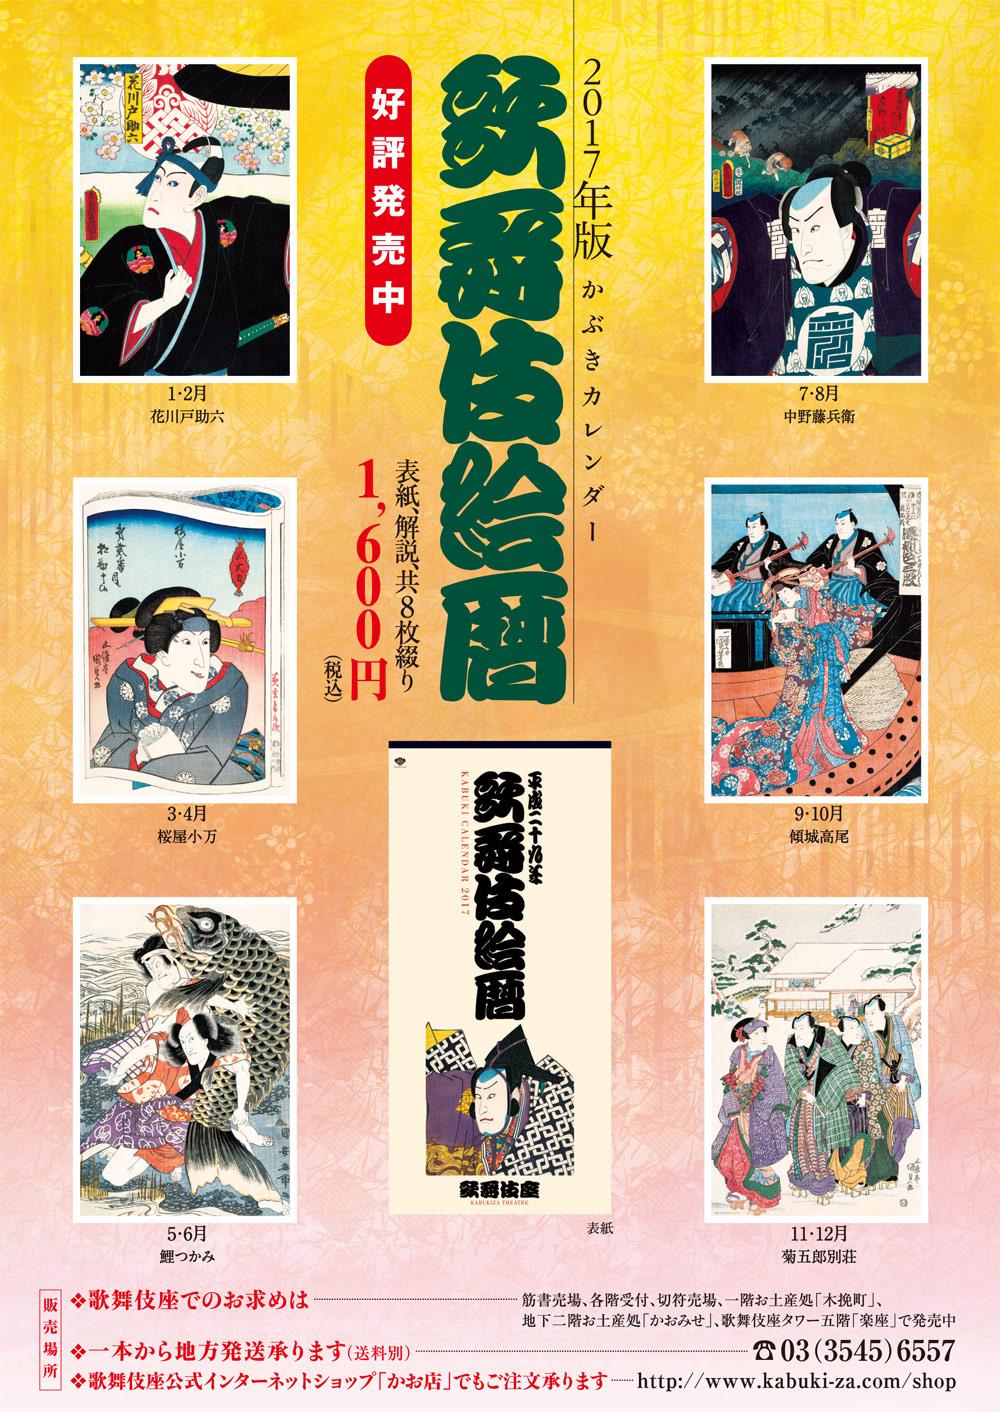 2017年版錦絵カレンダー歌舞伎絵暦発売歌舞伎美人